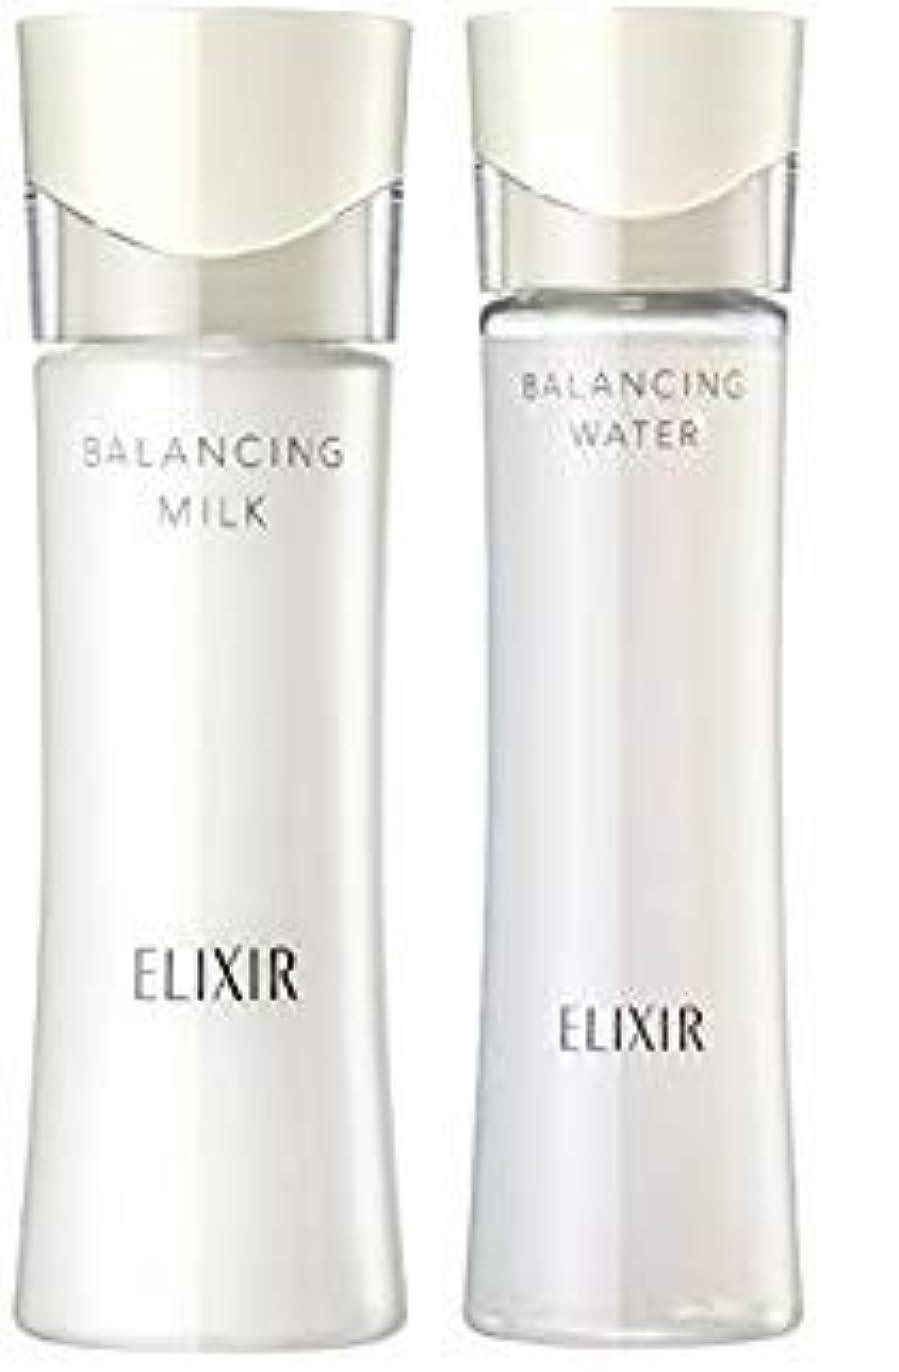 かき混ぜるみぞれ感性エリクシール ルフレ バランシング ウォーター 化粧水1 168mL+ 乳液130mL (さらさらタイプ) セット